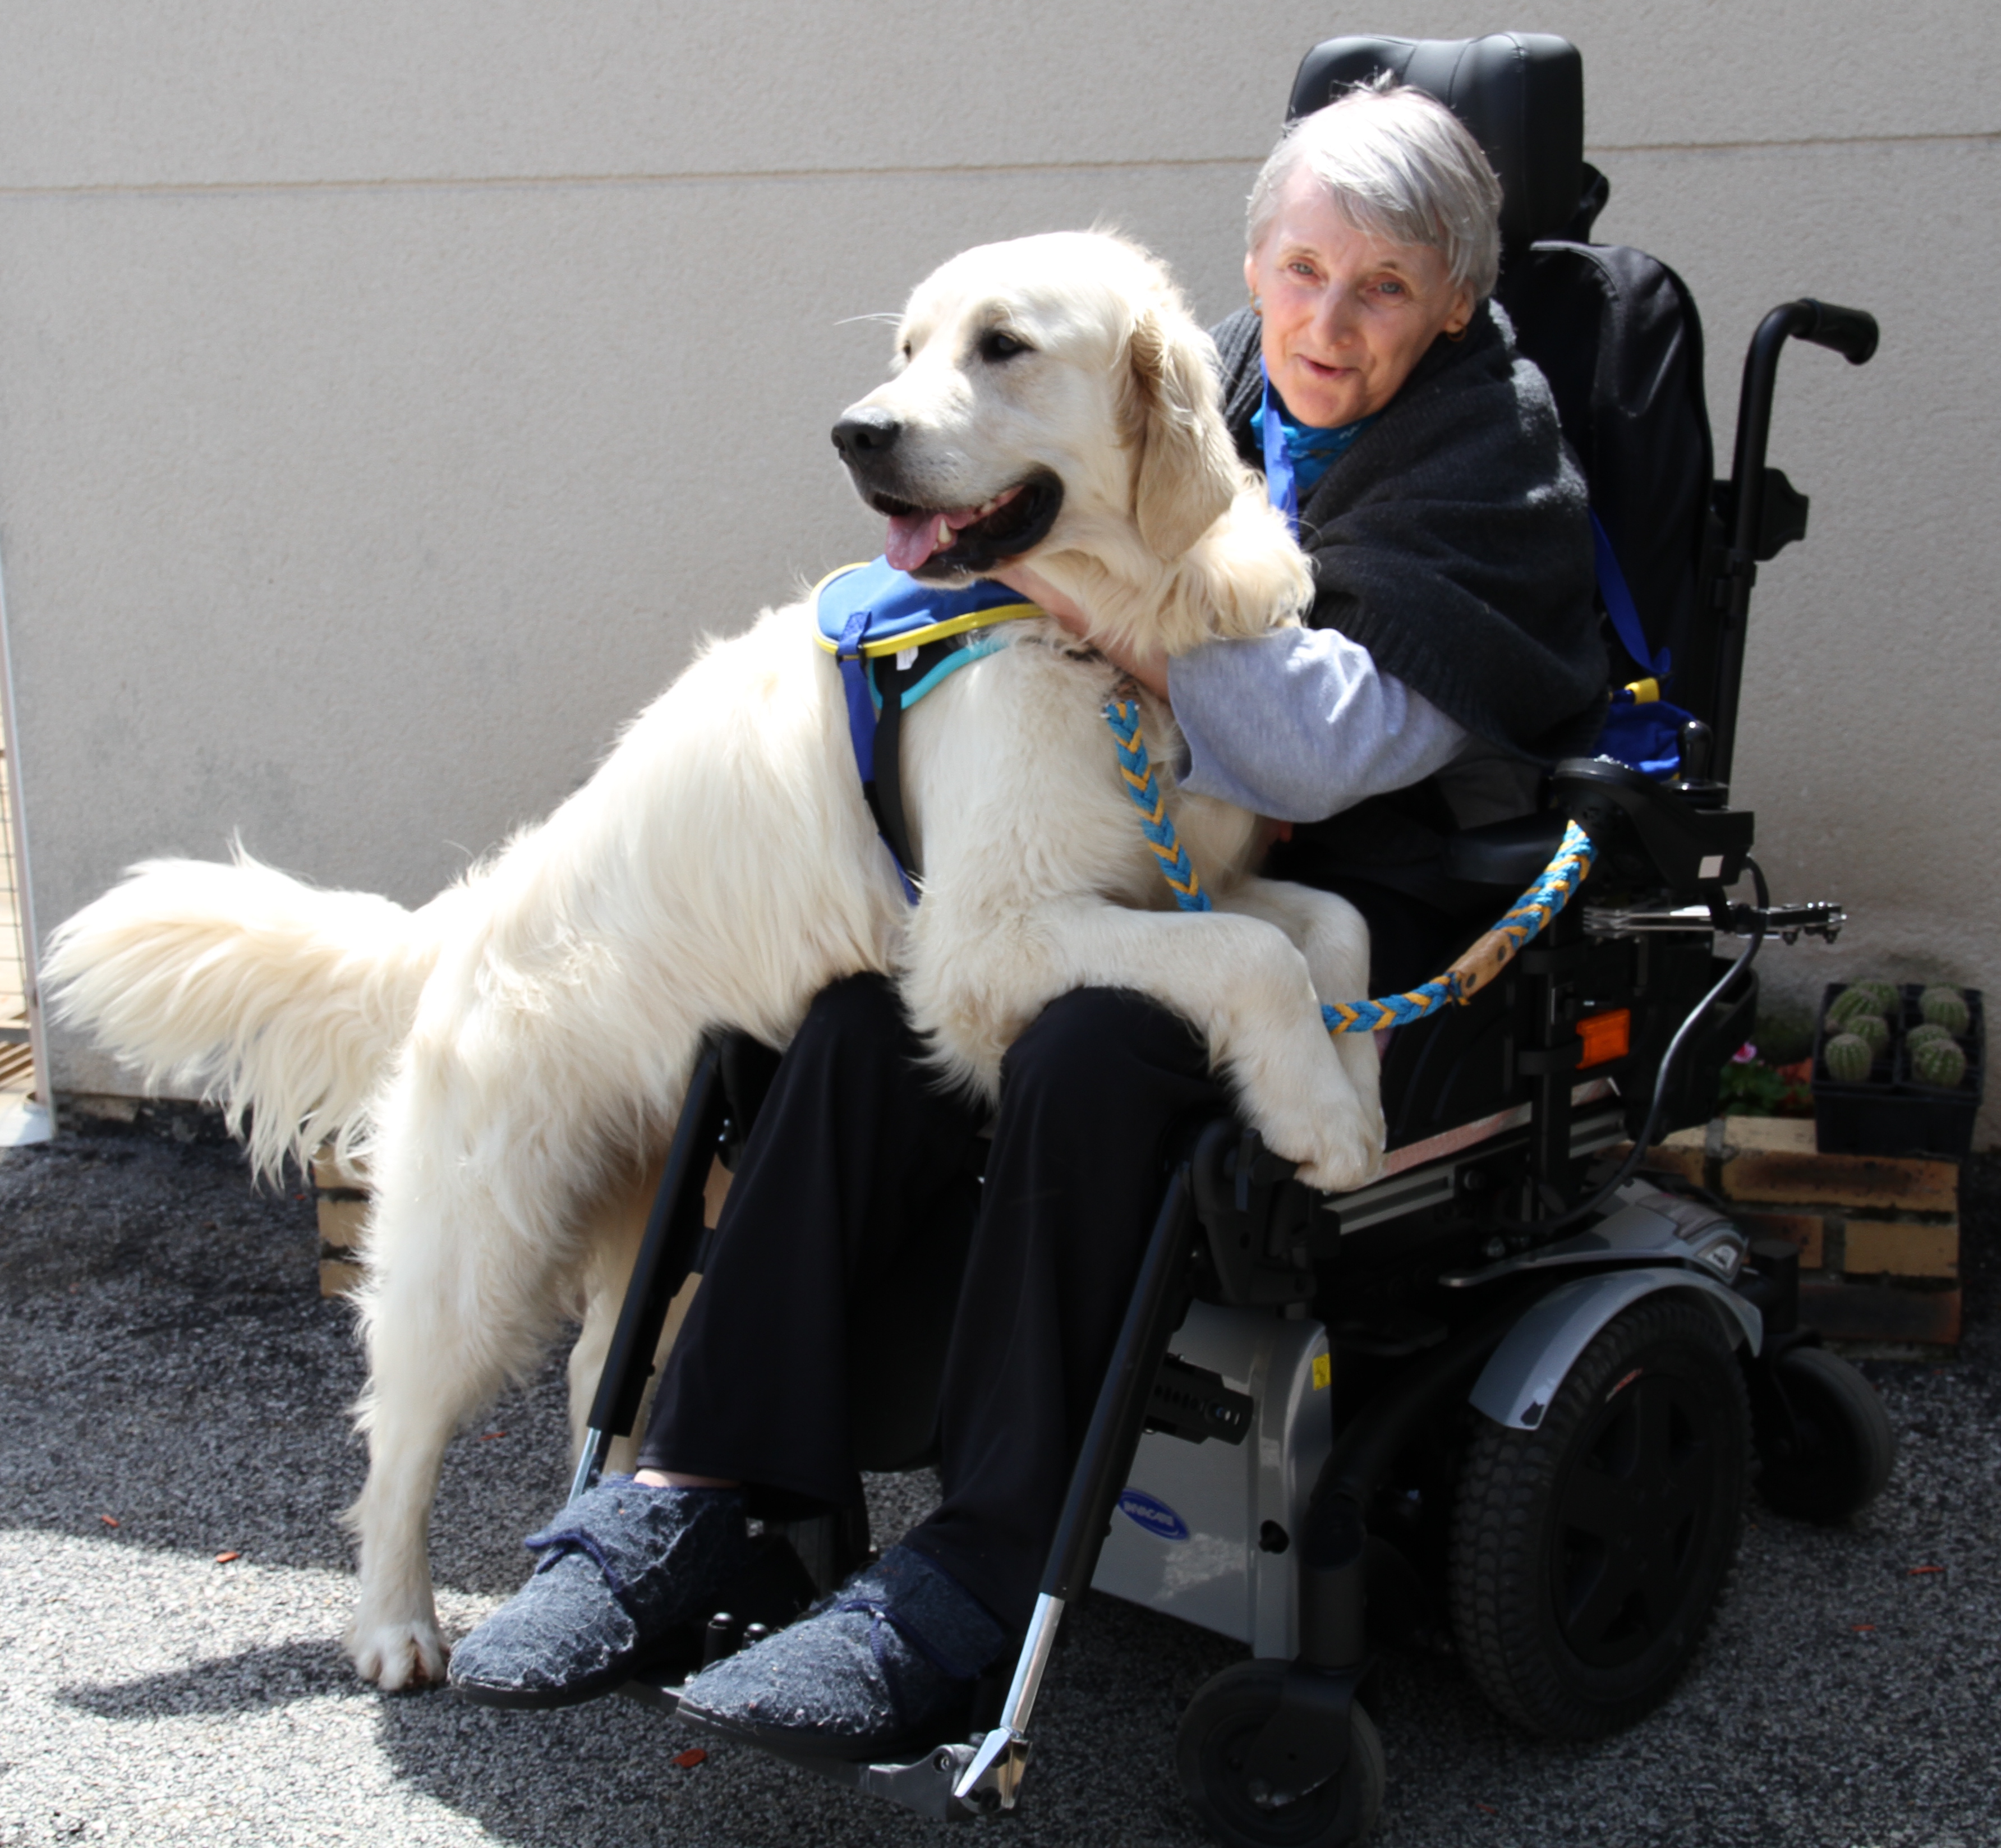 Offrir un chien à une personne handicapée pour l'accompagner dans la vie quotidienne